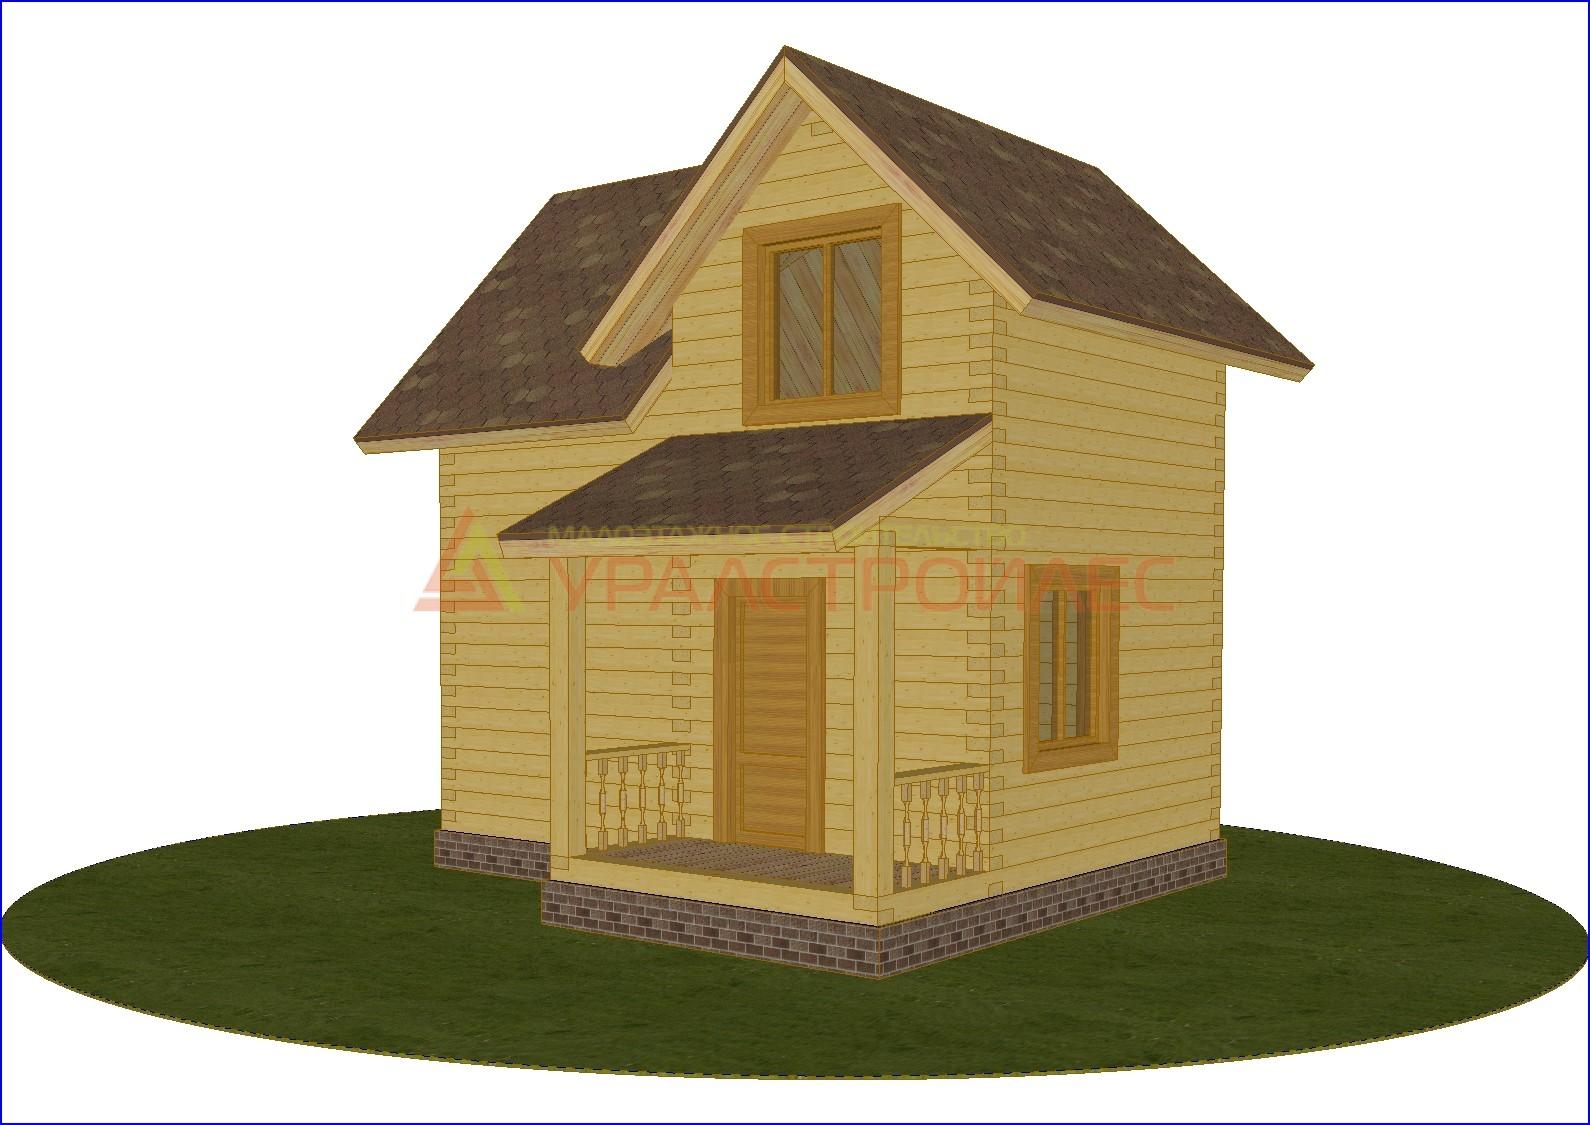 Проект №273, двухэтажный дом 5.8х5.5, общая площадь 43.6 кв.м. (брус 200)